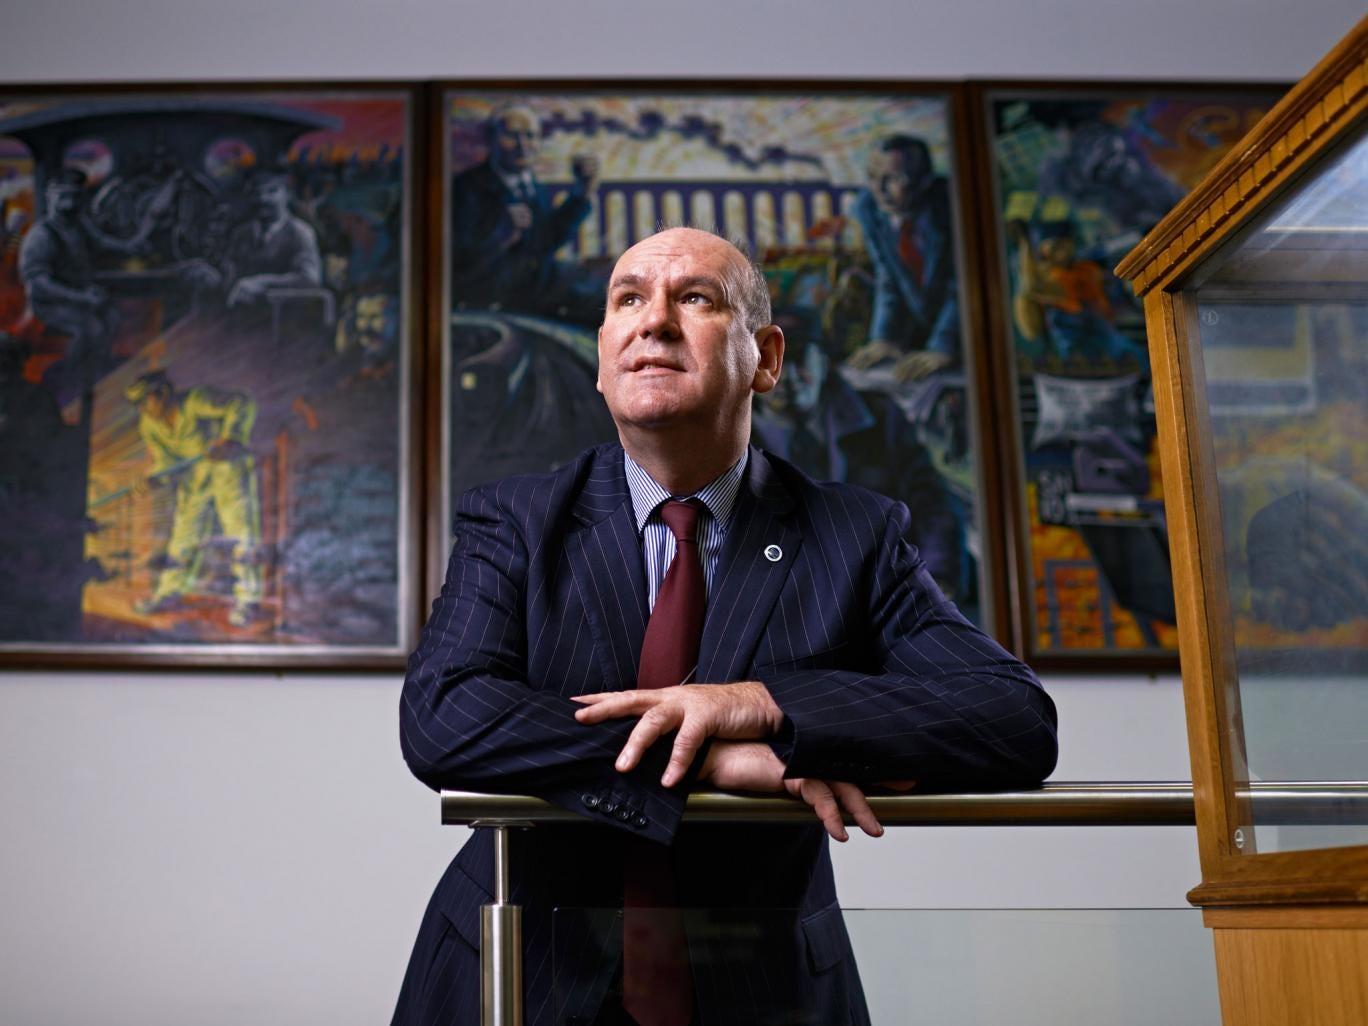 Aslef head Mick Whelan said the rail scheme would drive growth